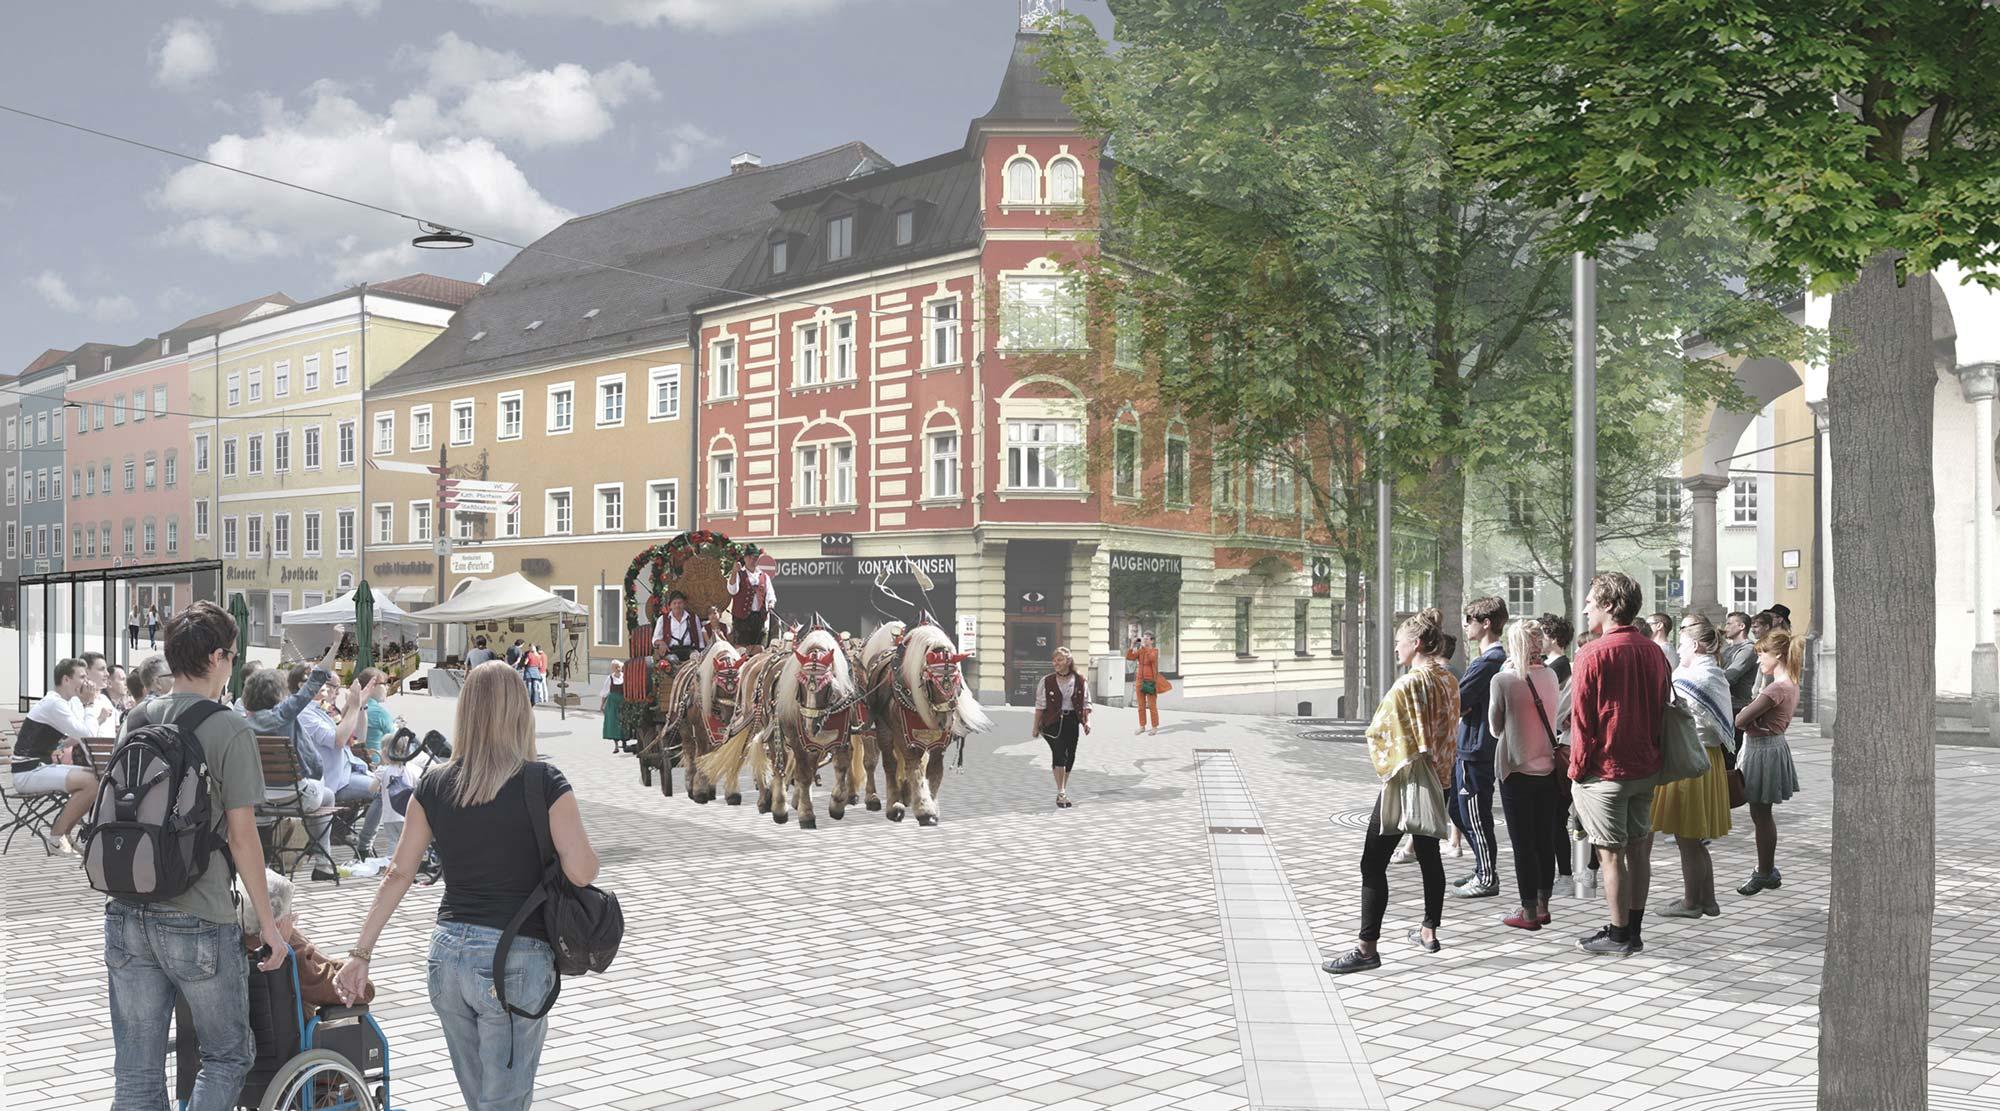 Wettbewerb Stadtplatz Vilshofen - Visualisierung 1